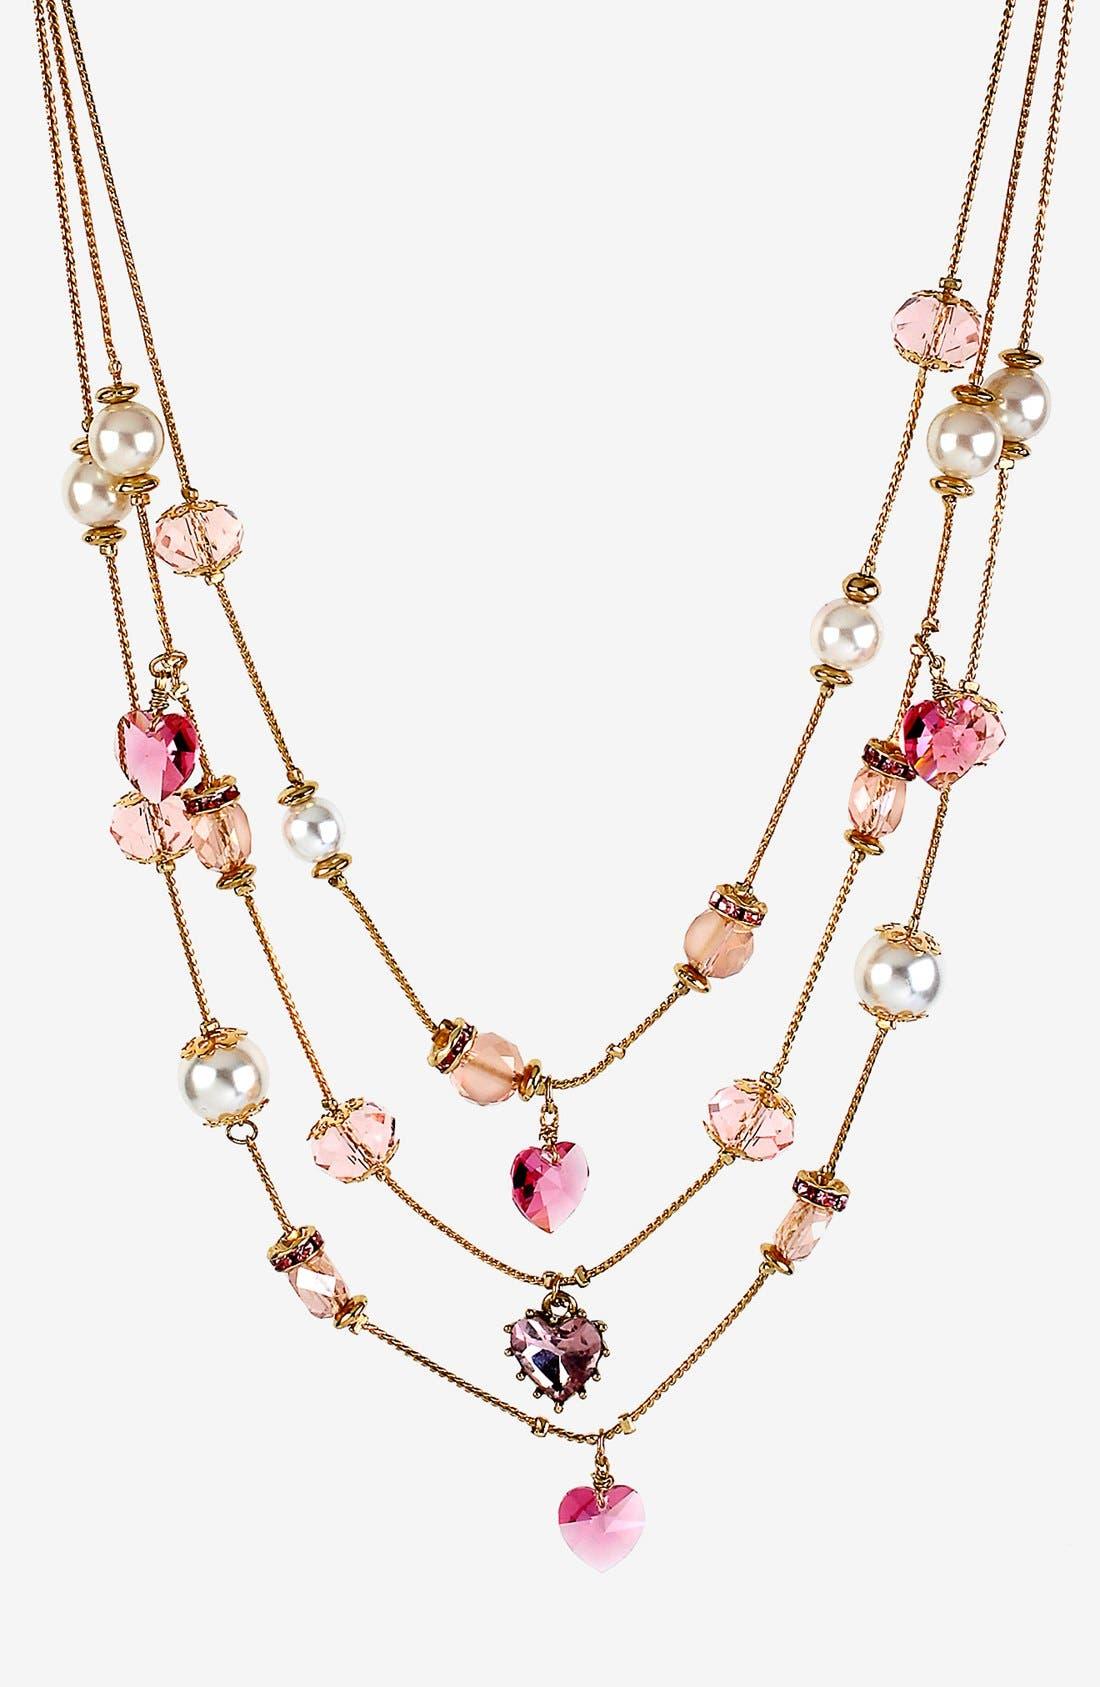 Main Image - Betsey Johnson 'Iconic Pinkalicious' Multistrand Necklace